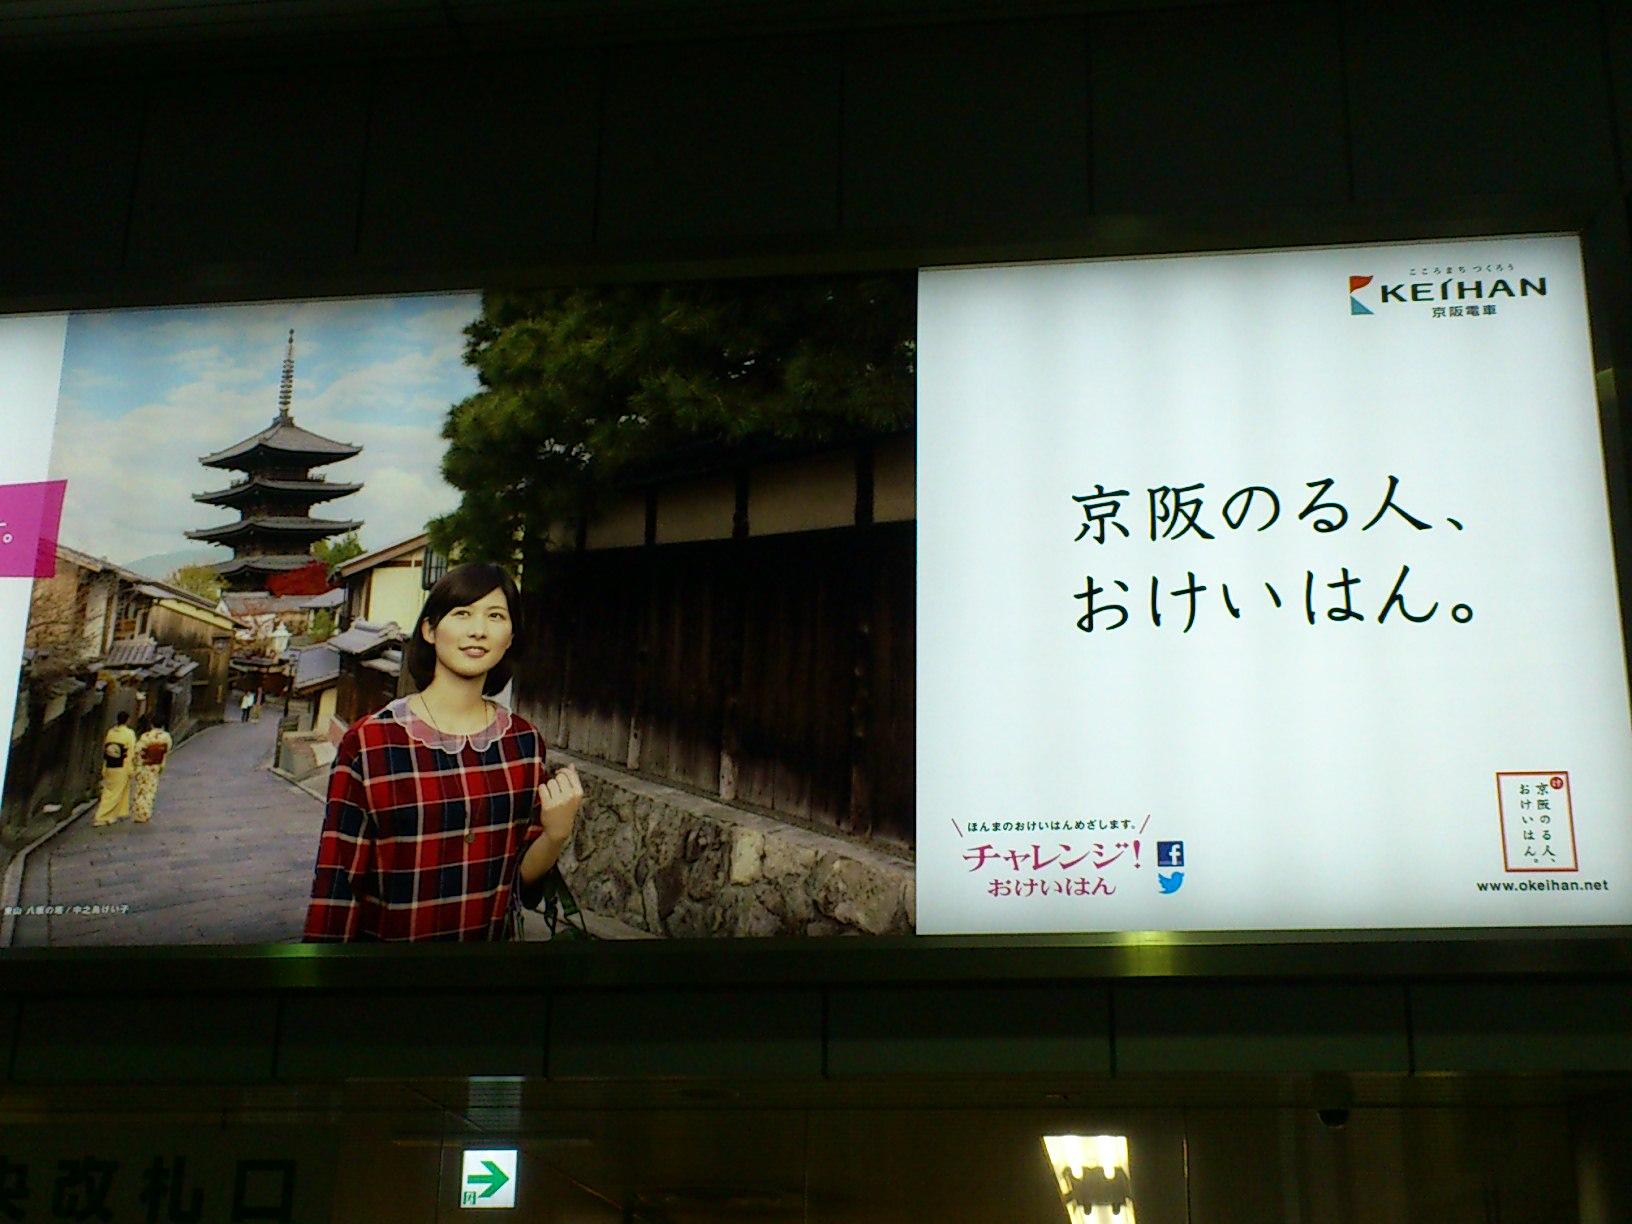 京阪のる人おけいはん